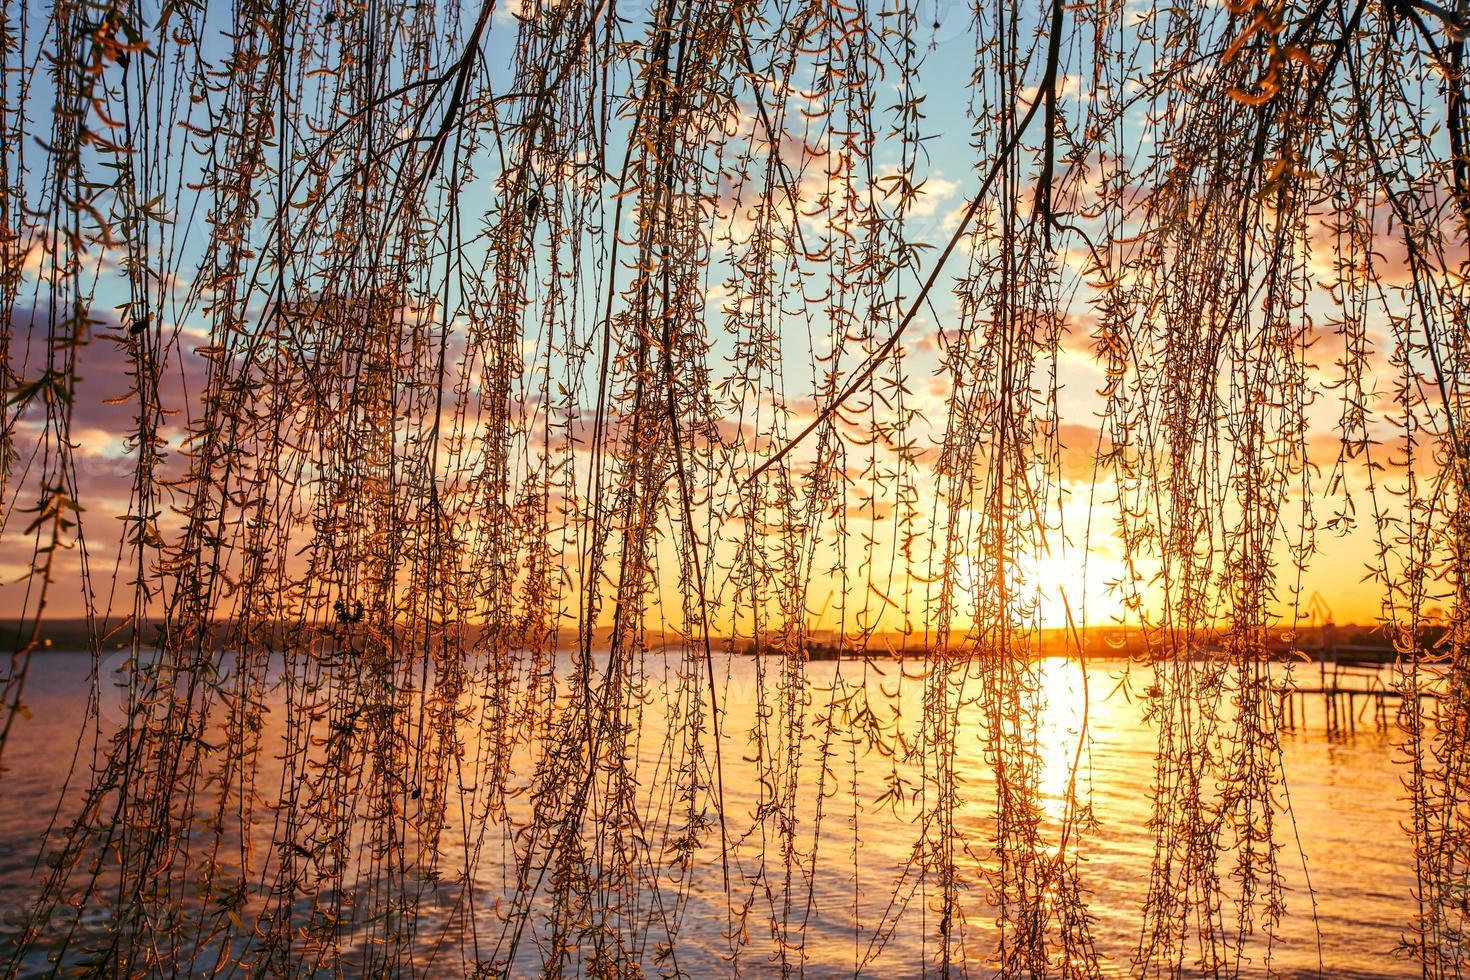 vime à beira do rio e lindo pôr do sol foto